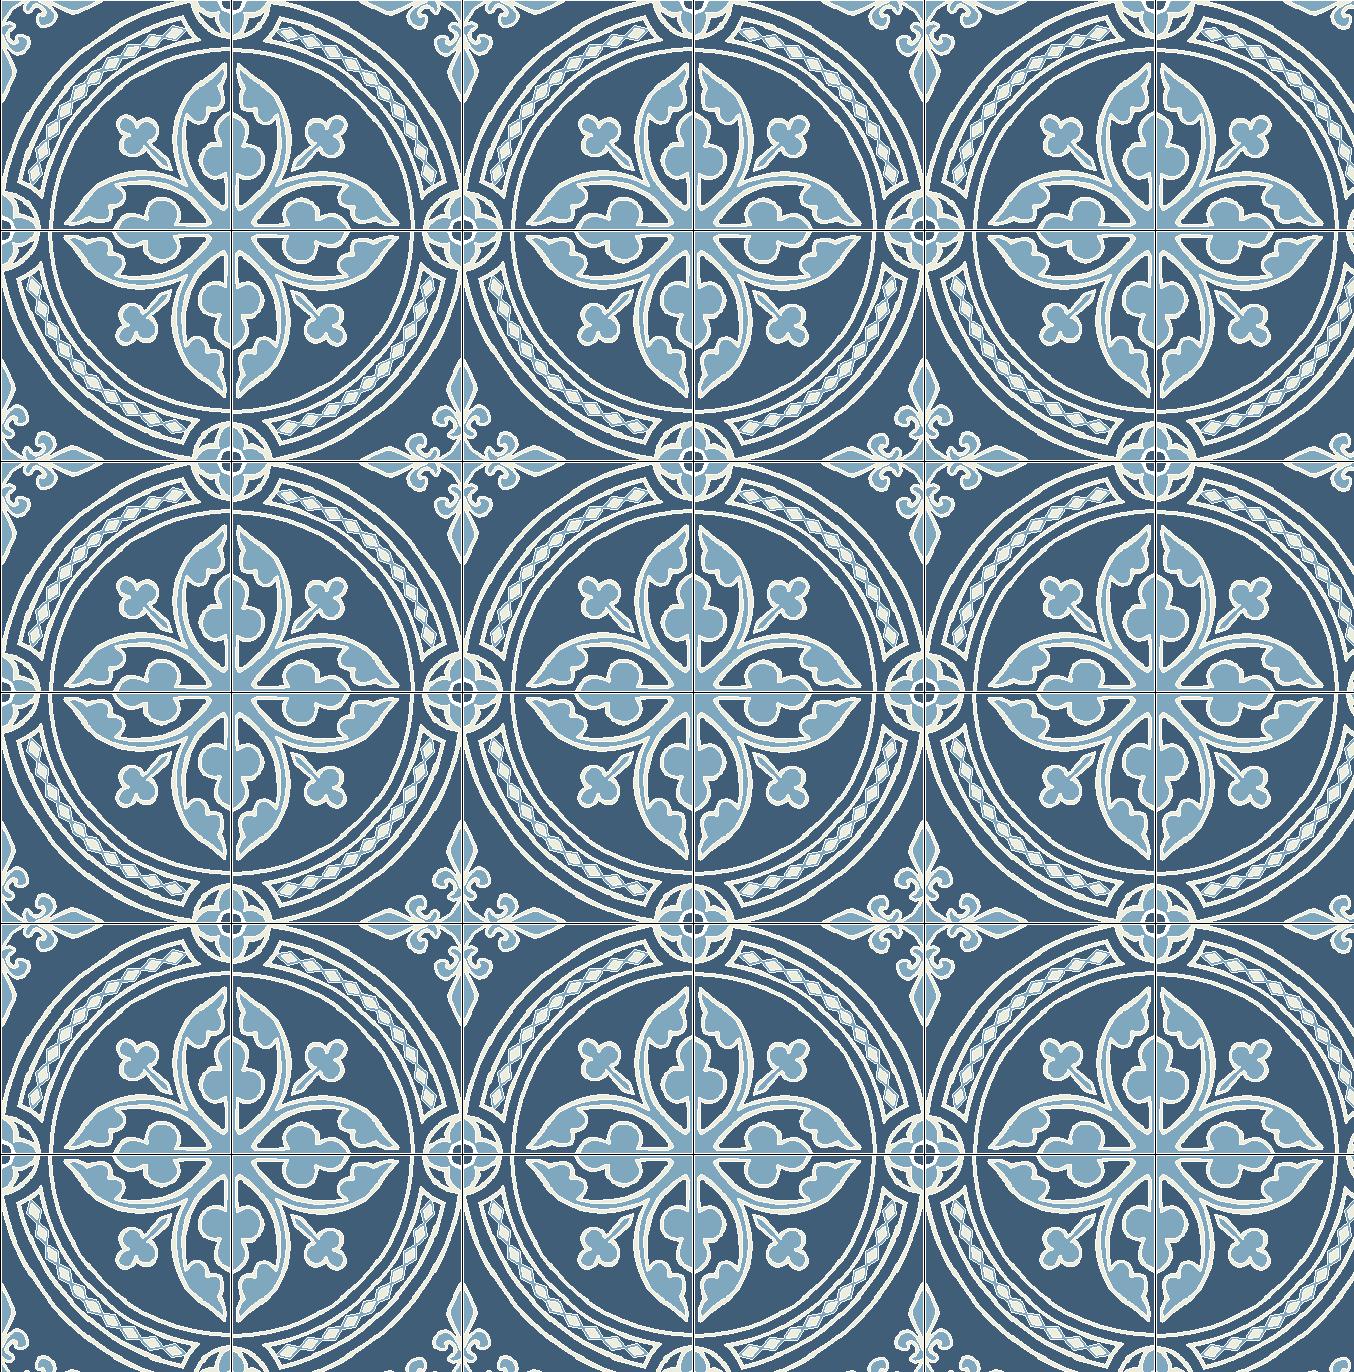 Mosaik Fliesen Dusche Erfahrungen : Bodenfliesen 4 HD Walls Find Wallpapers